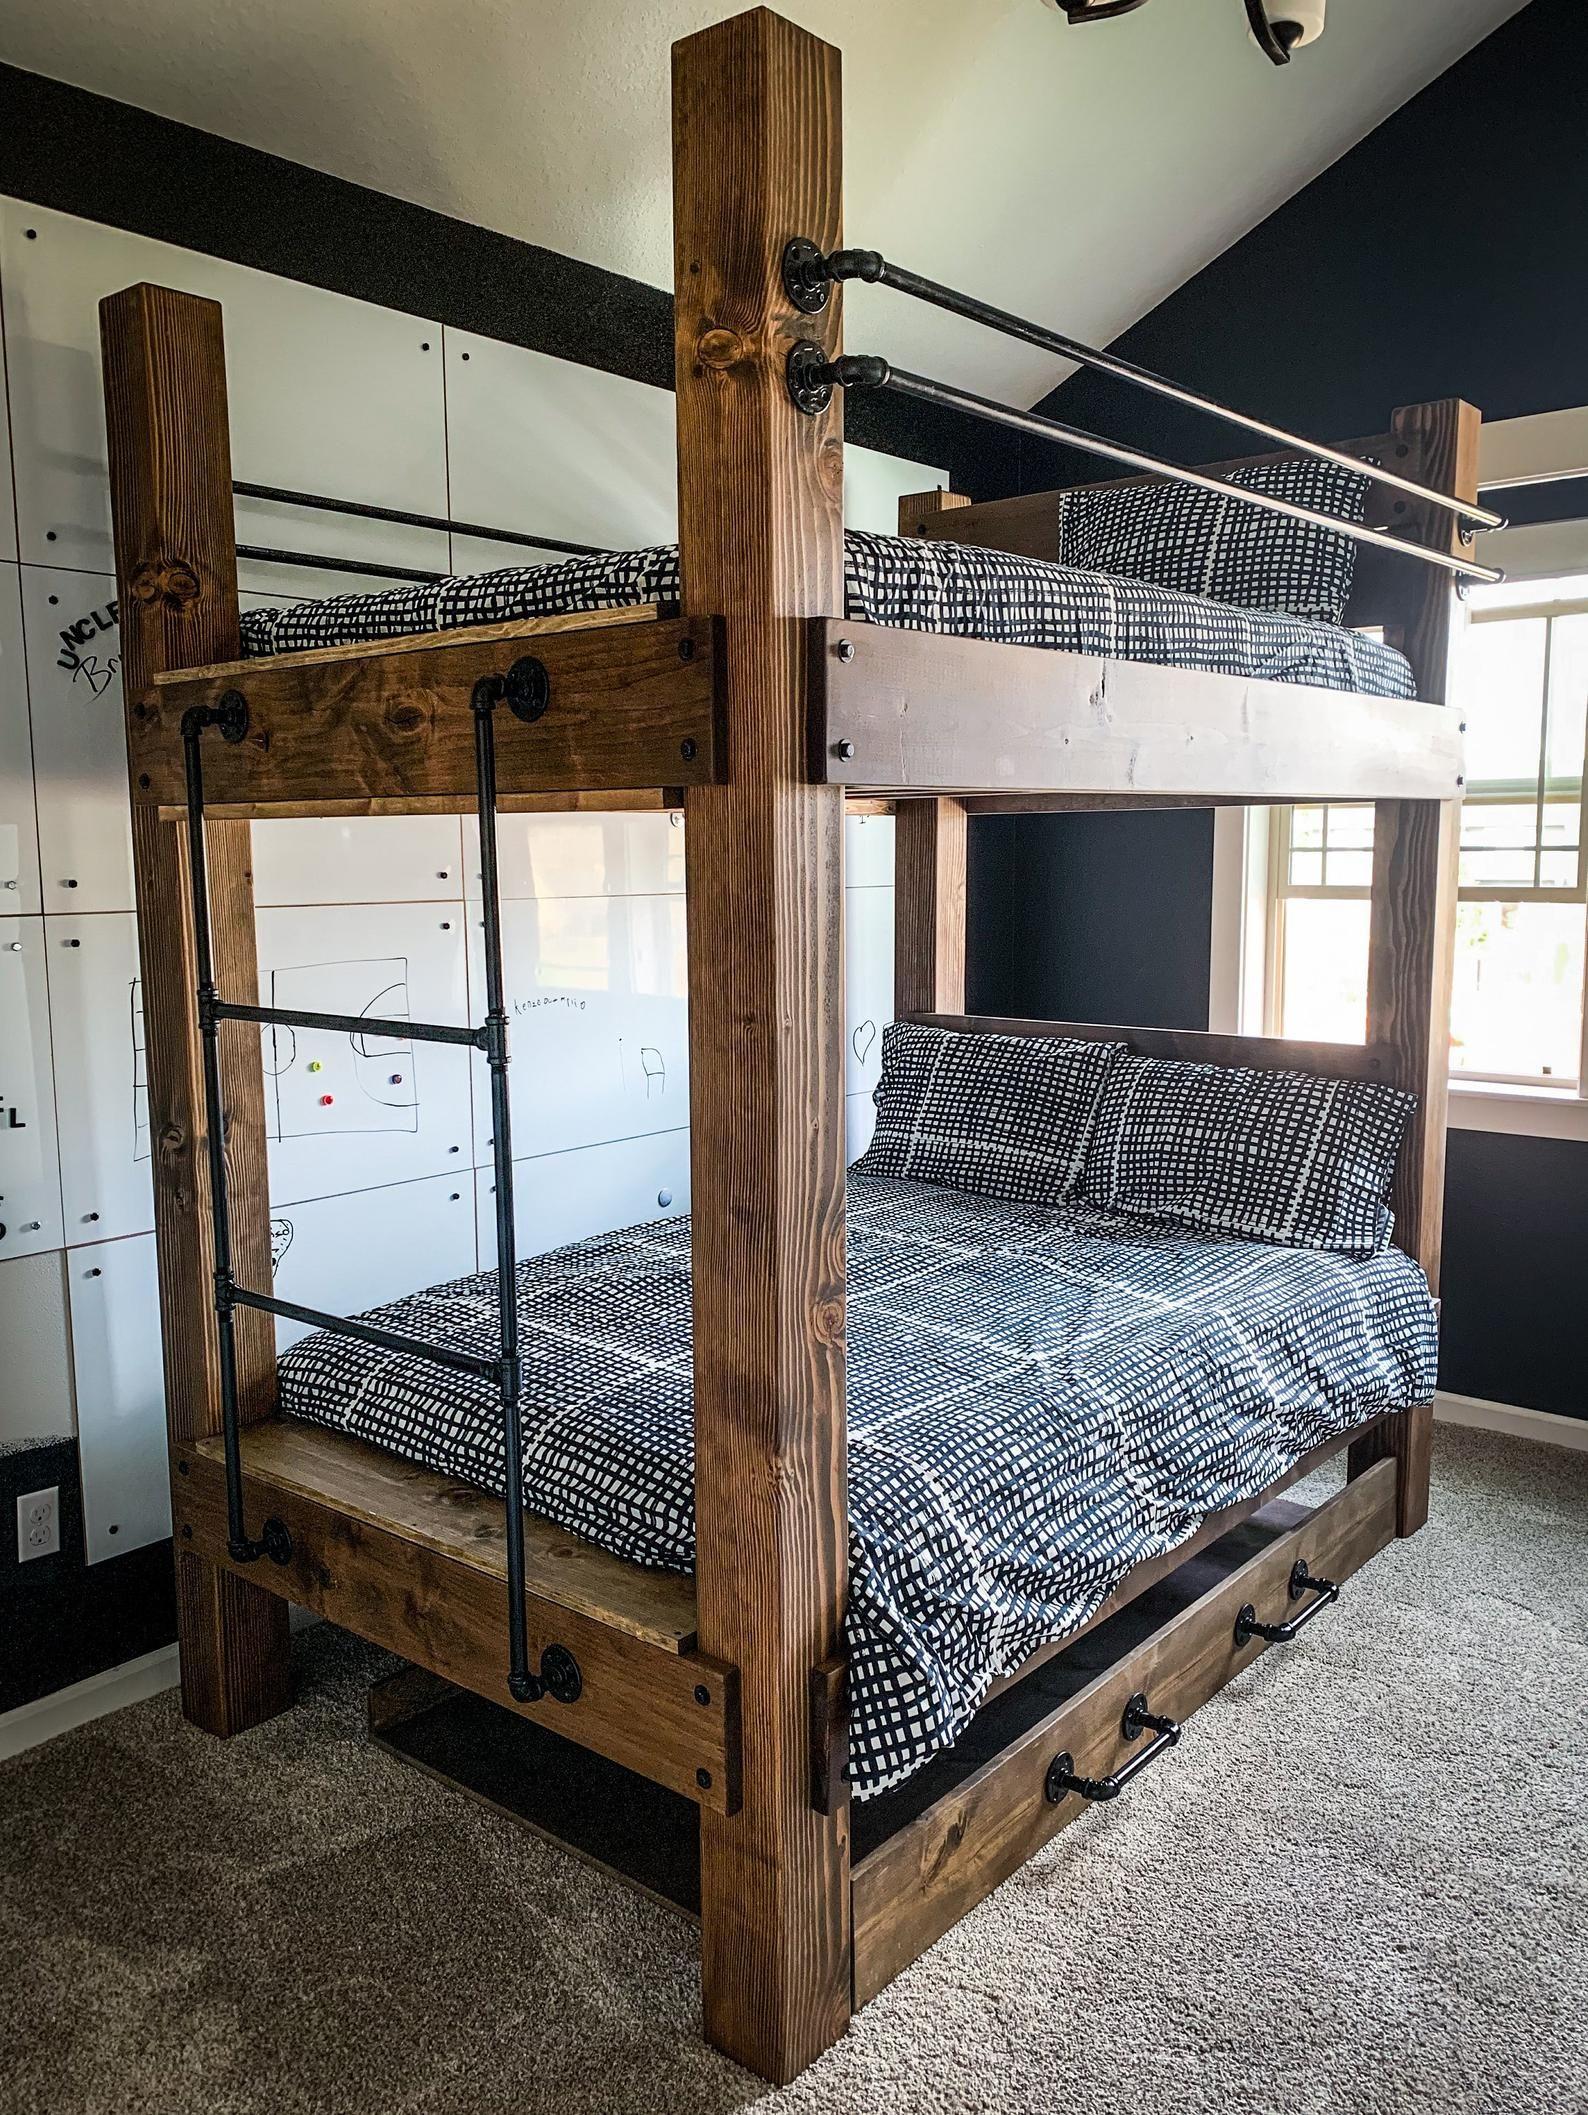 The BIG SKY Bunk Beds Loft Bed Bunk Bed Frame Full Bed | Etsy | Diy bunk  bed, Loft bed plans, Kids room furniture